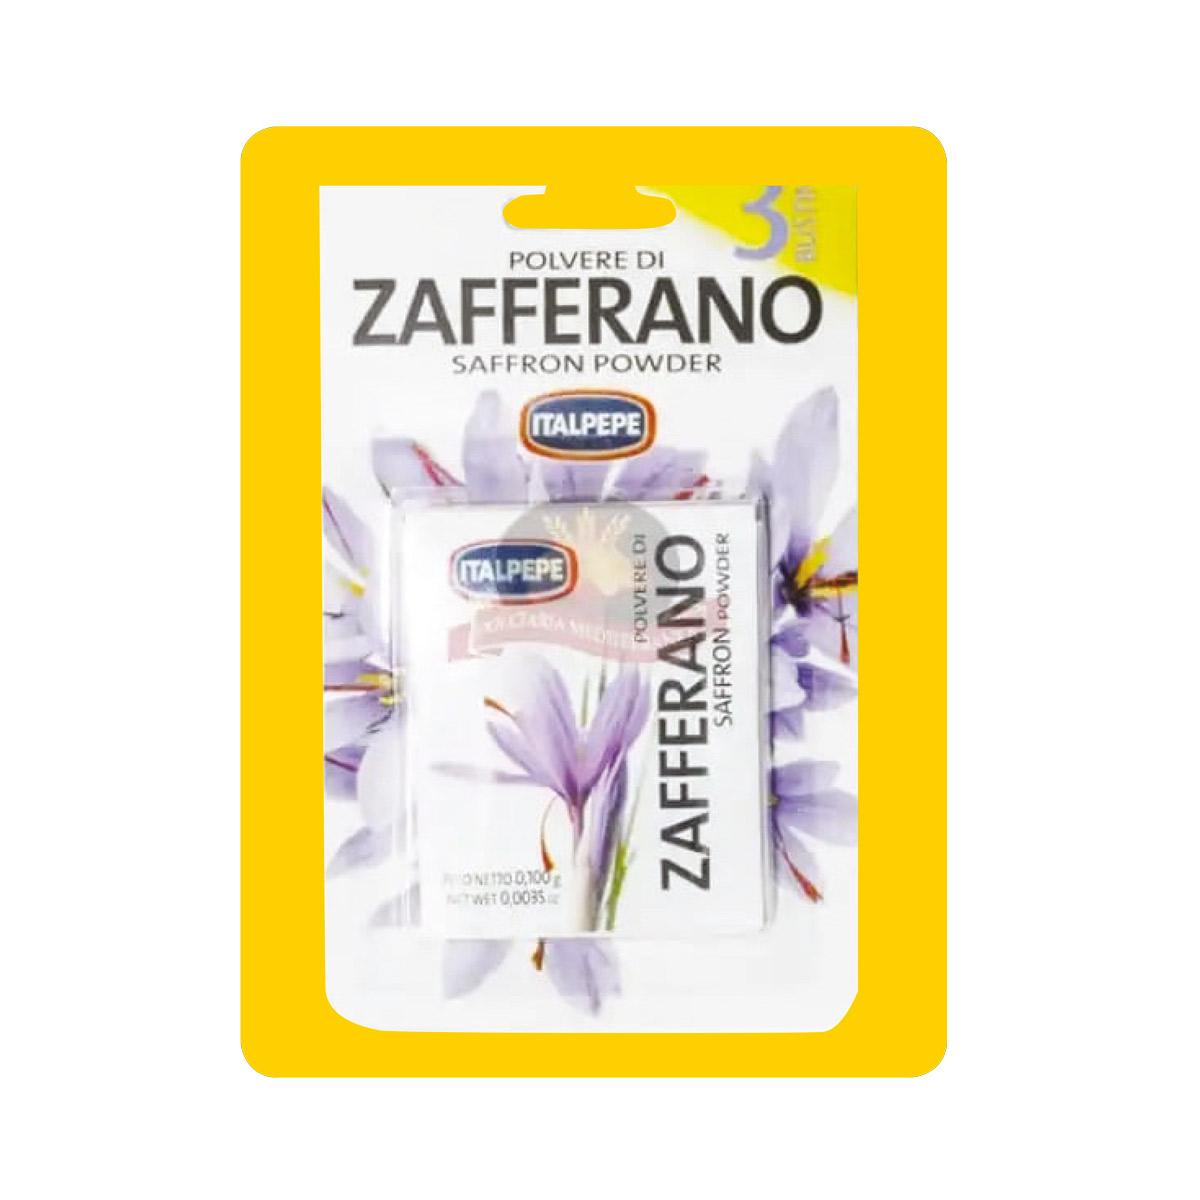 ITALPEPE ZAFFERANO 3 BUSTE IN BLISTER